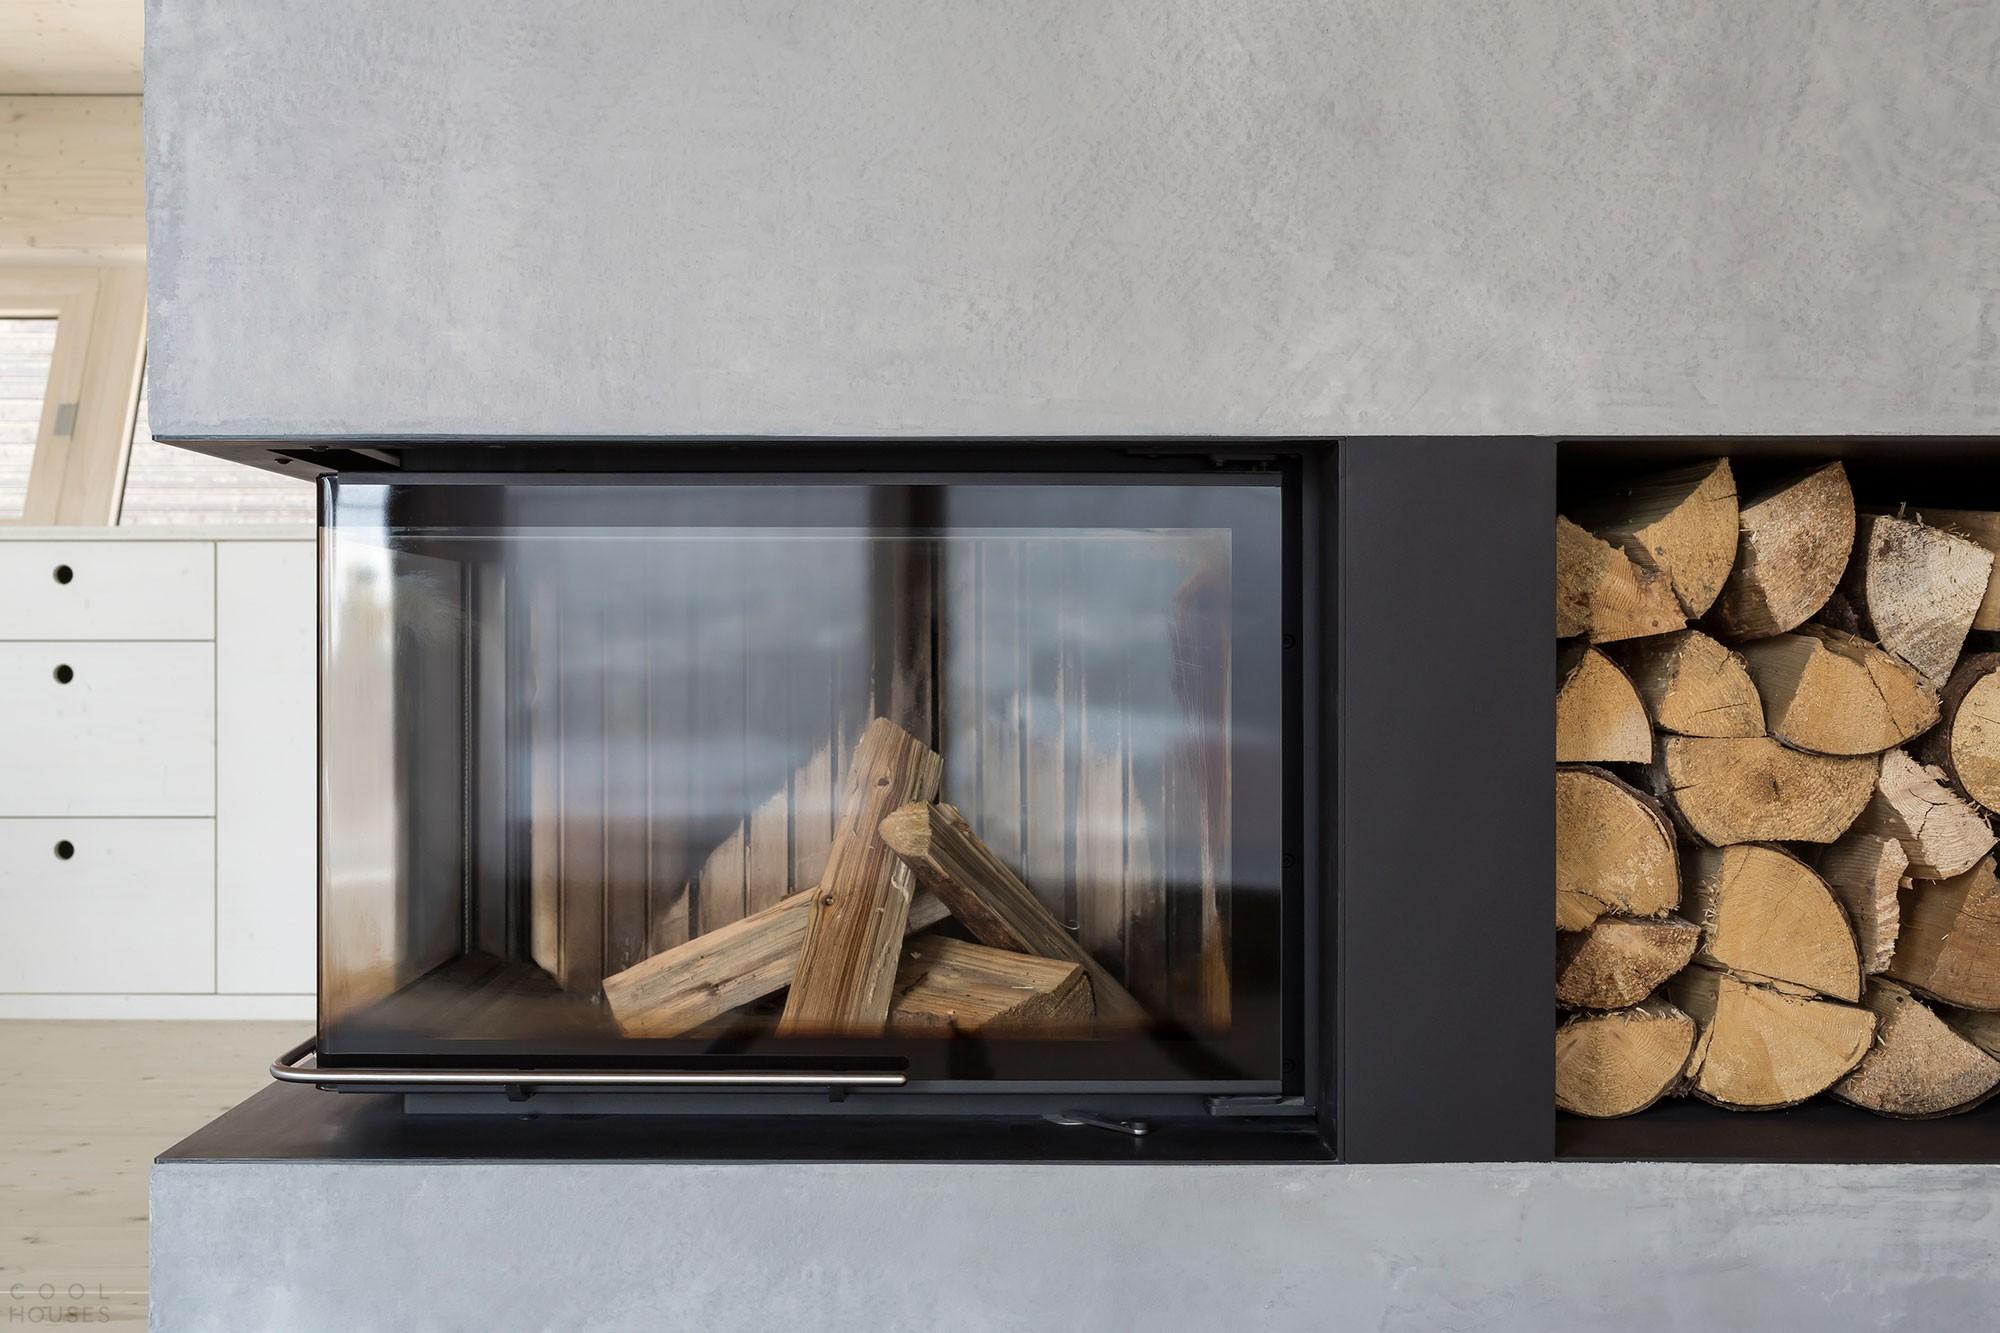 Загородный деревянный дом в стиле минимализма в Германии